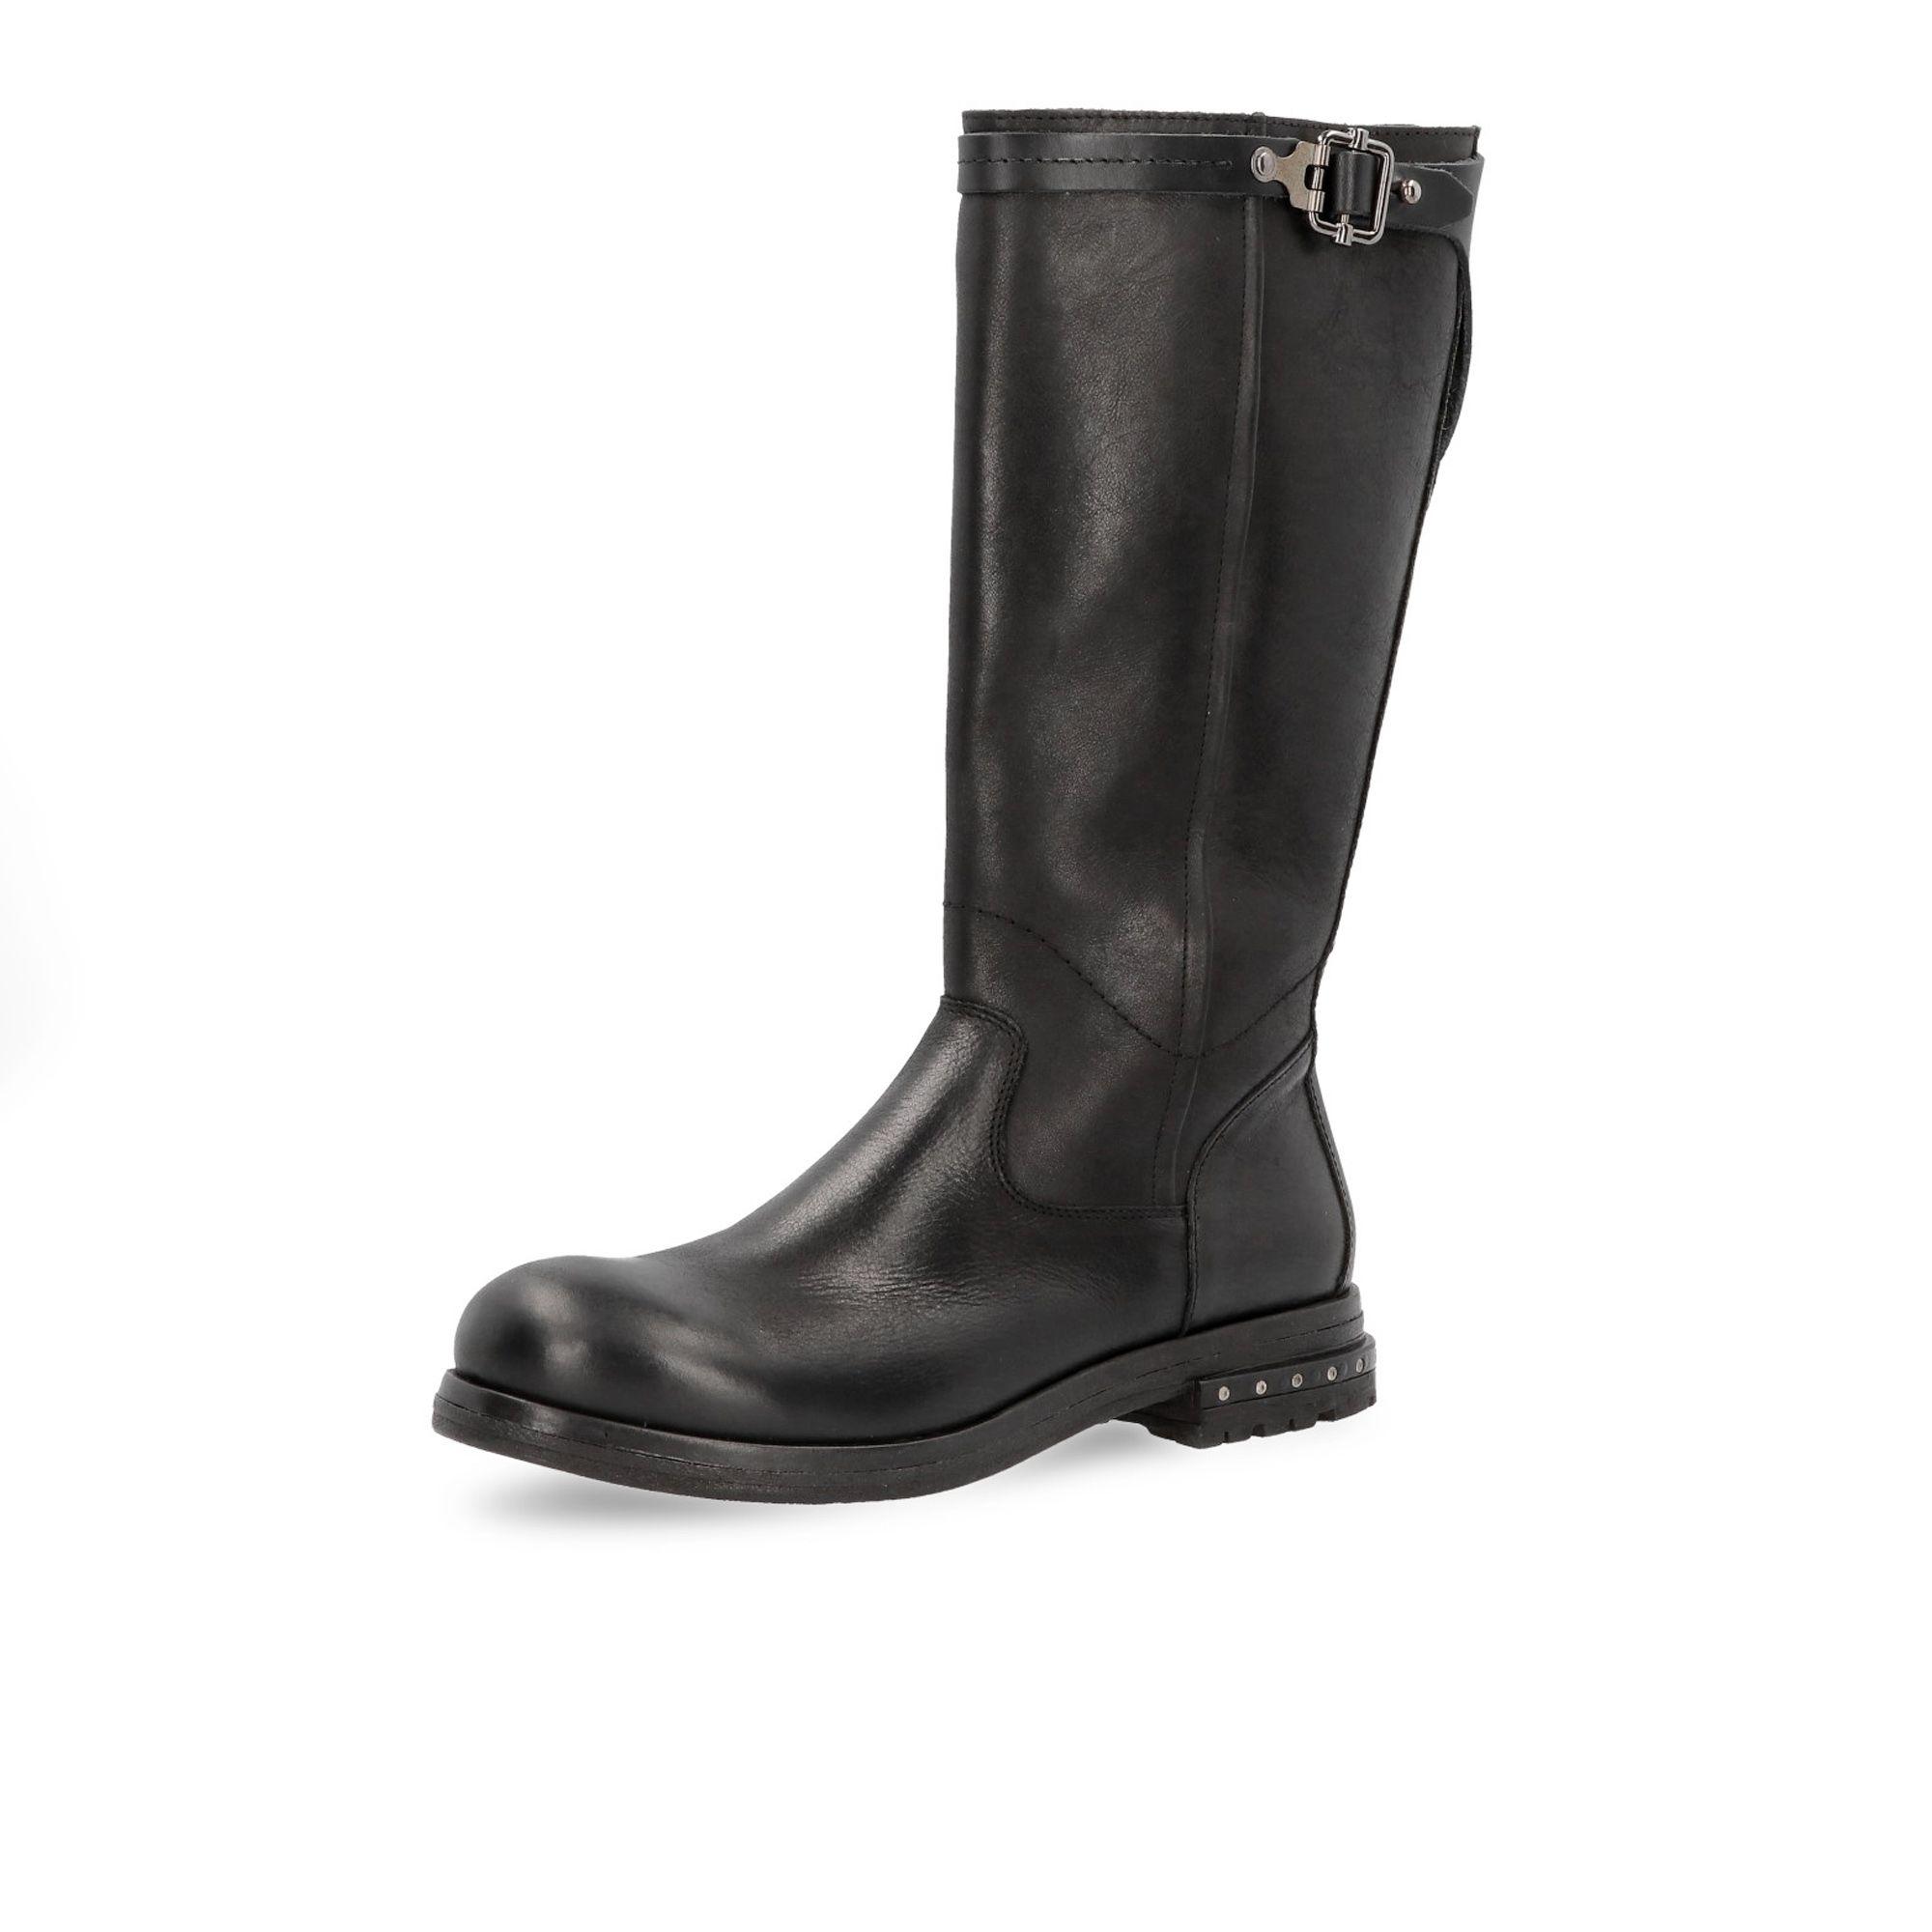 Khriò Stivali in pelle con zip laterale e tacco 3cm con borchie - QVC Italia fda52f8686a